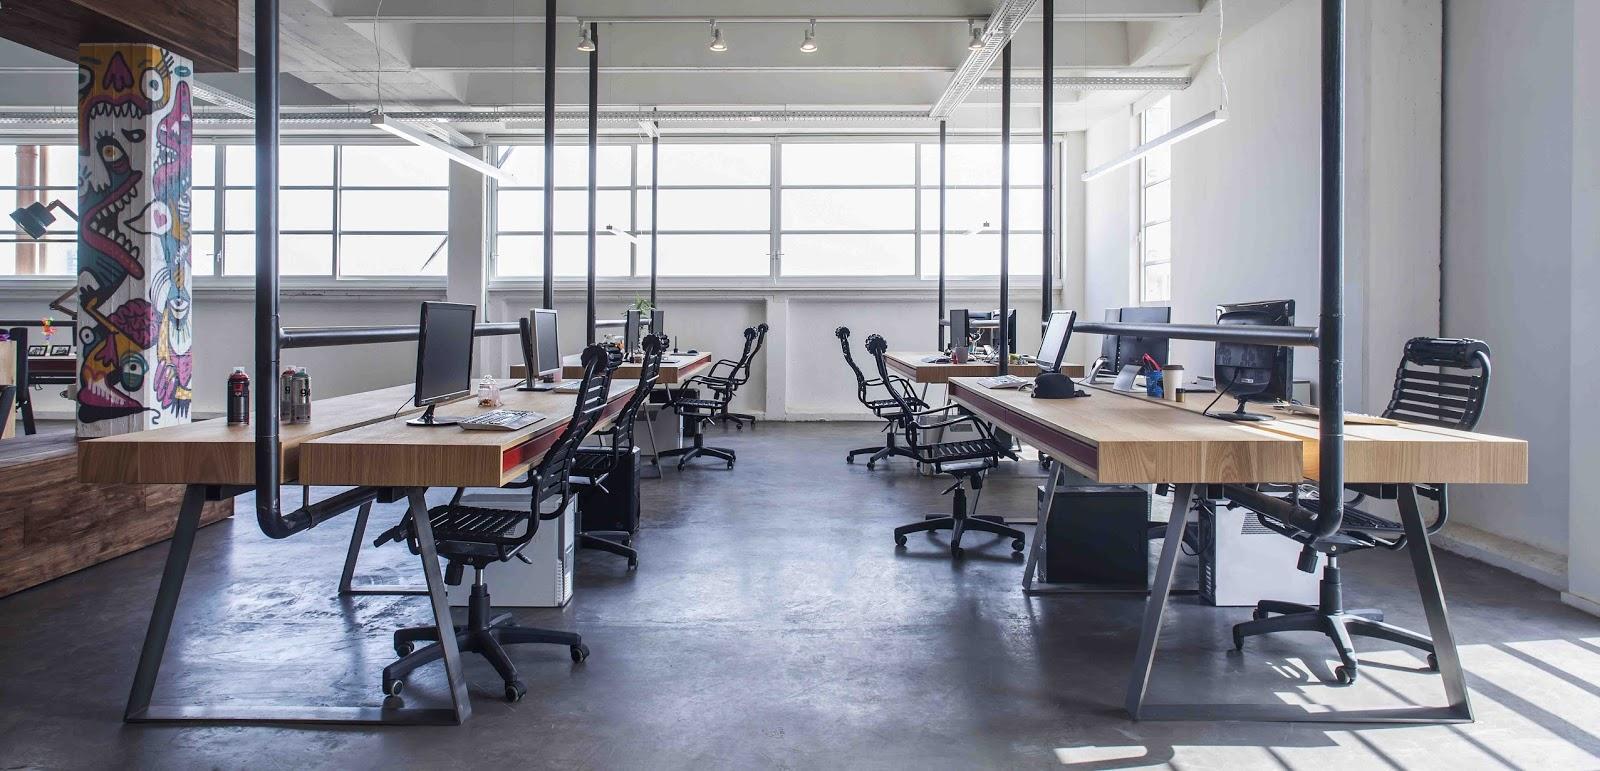 i trucchi degli esperti per ottenere un ufficio moderno novit e curiosit sulle sedie da. Black Bedroom Furniture Sets. Home Design Ideas